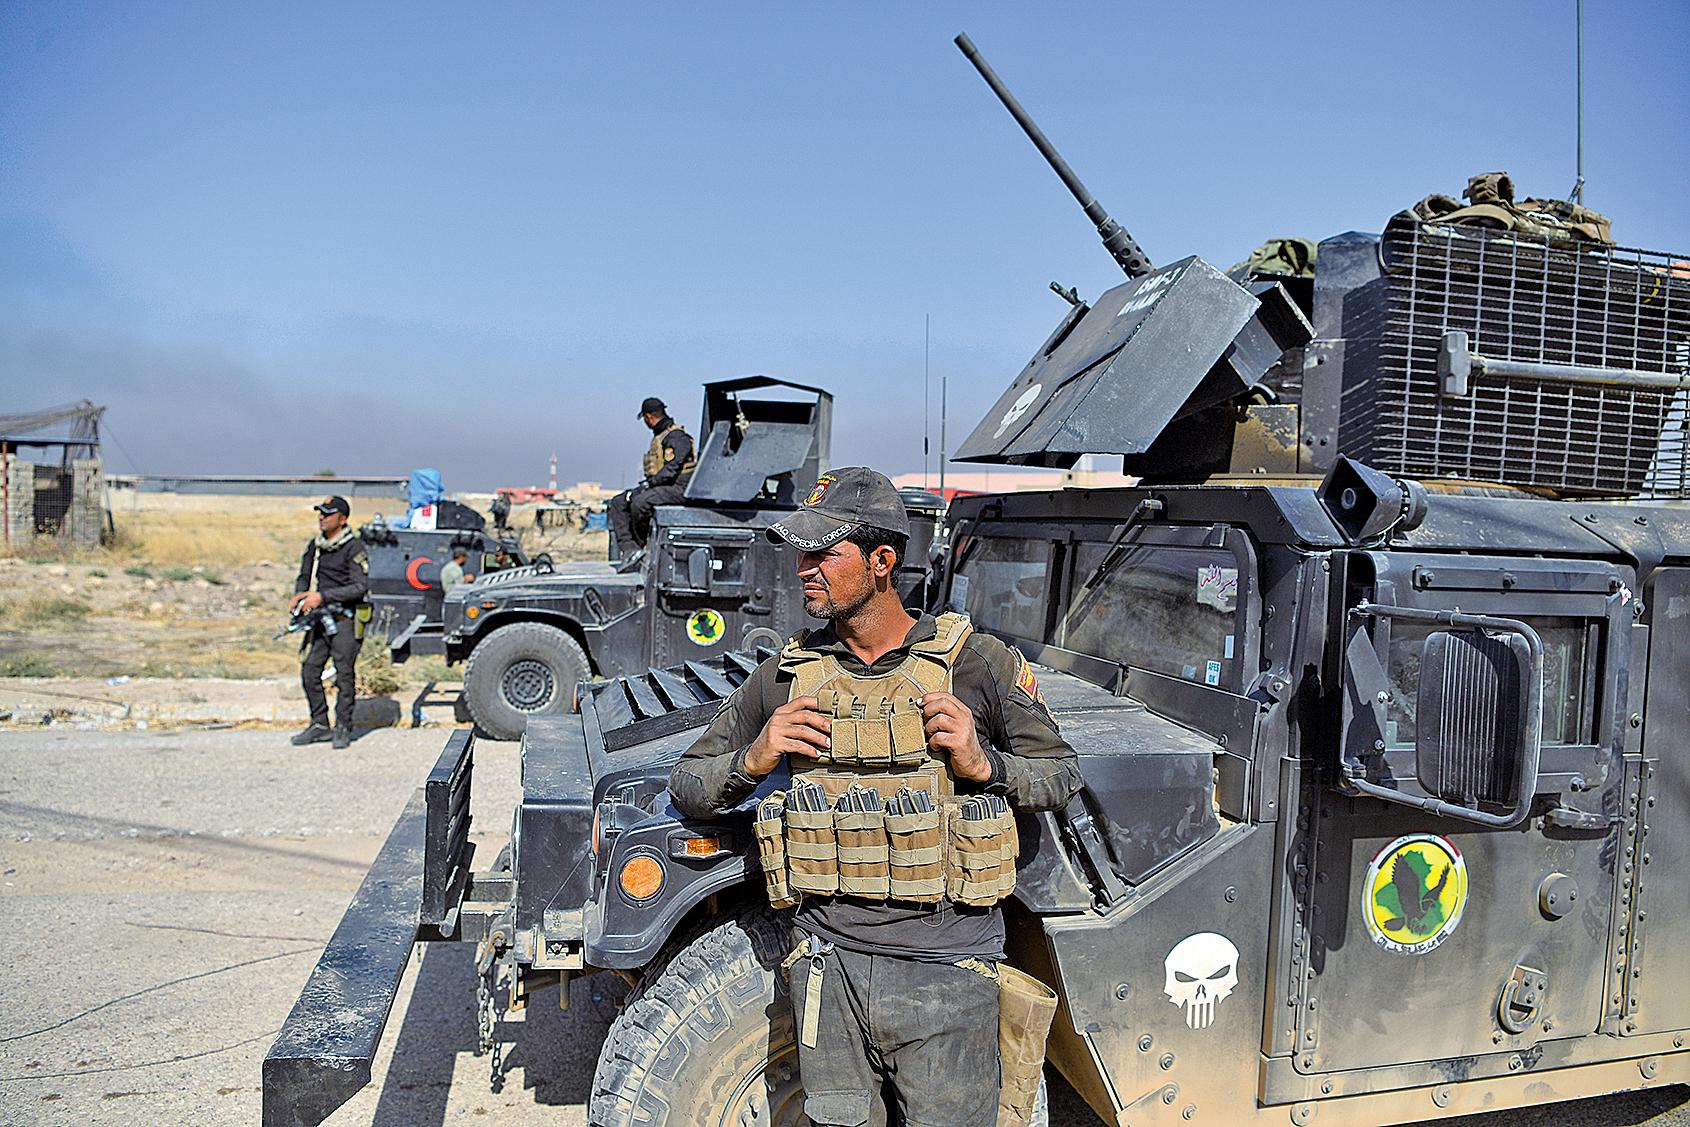 伊拉克軍方周六(6月23日)表示,伊拉克政府軍在敘利亞東部發動空襲,炸死伊斯蘭國組織(IS)45名武裝份子。圖為伊拉克軍人。(Getty Images)